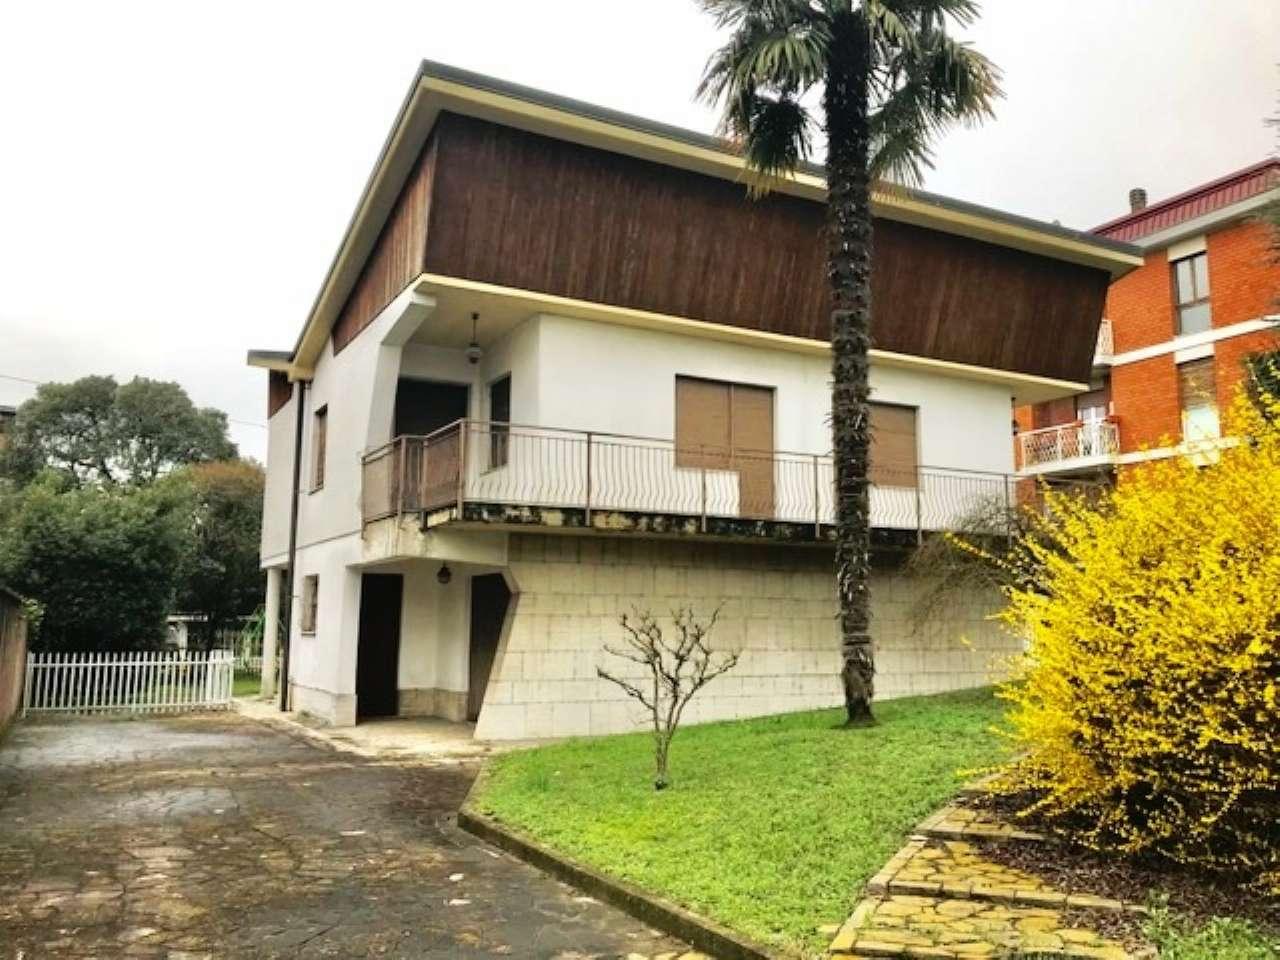 Villa in vendita a Canonica d'Adda, 5 locali, prezzo € 190.000 | CambioCasa.it